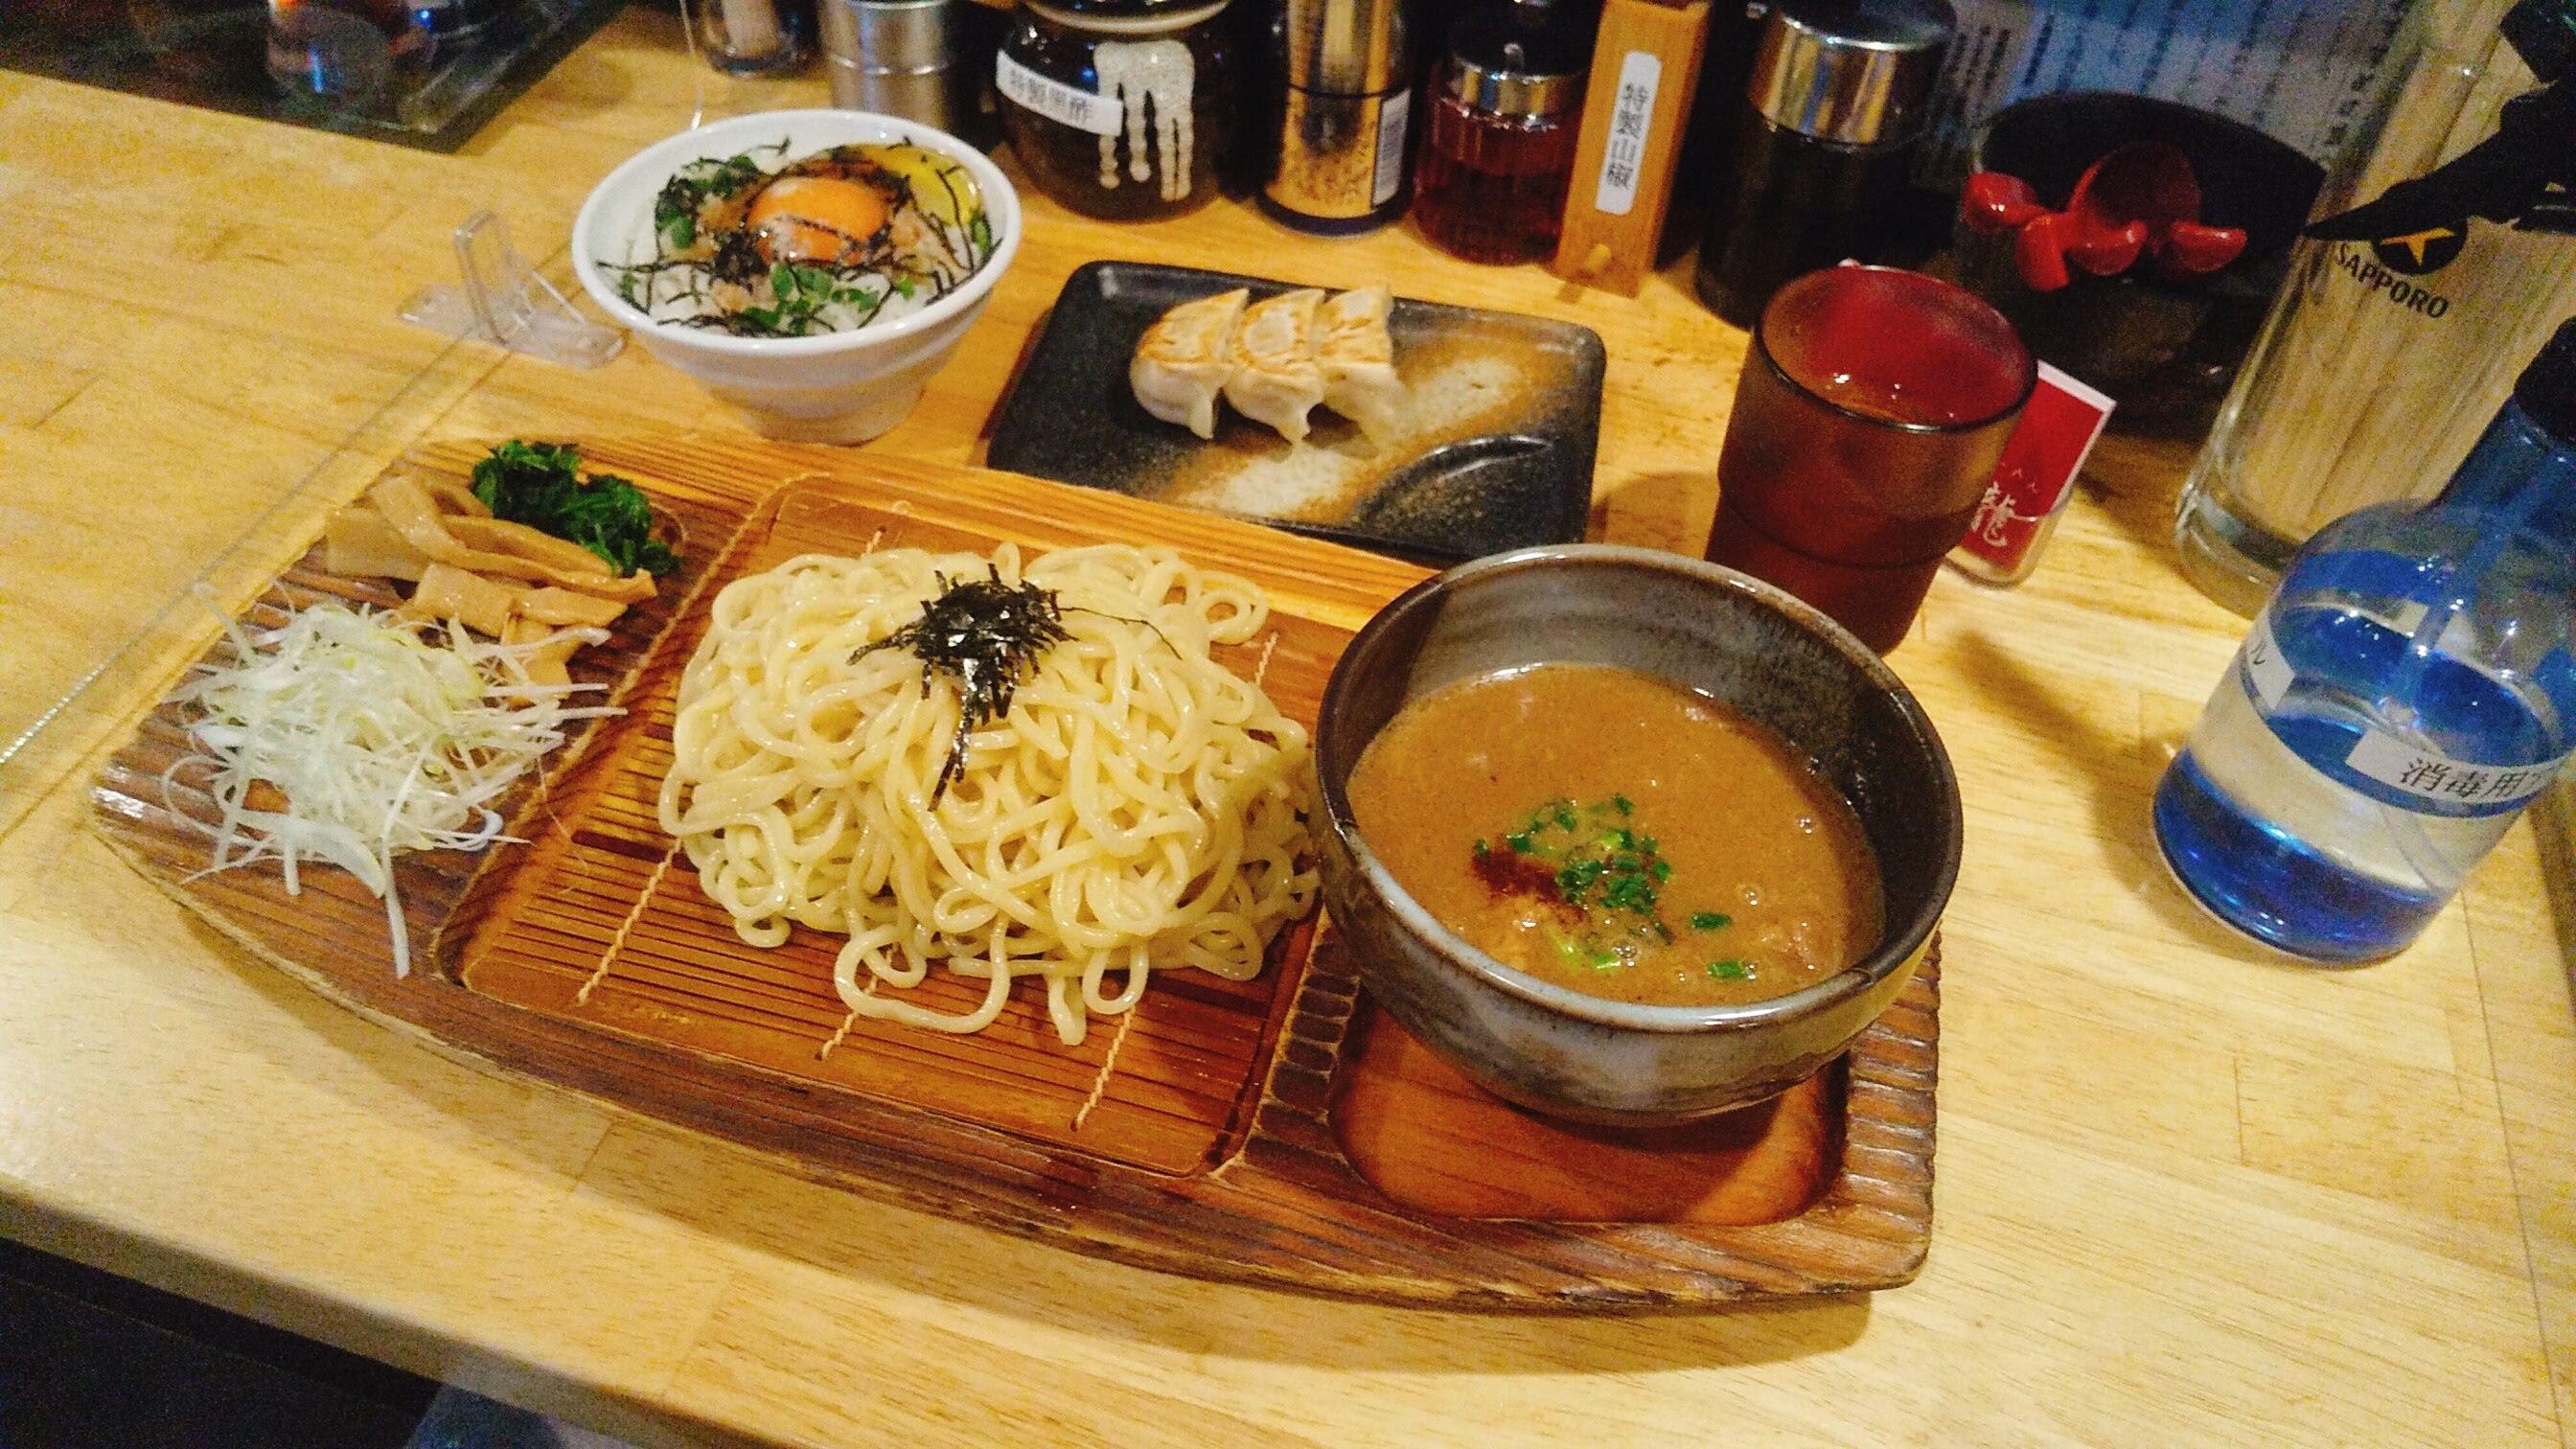 城南らーめん紫龍のつけ麺の写真